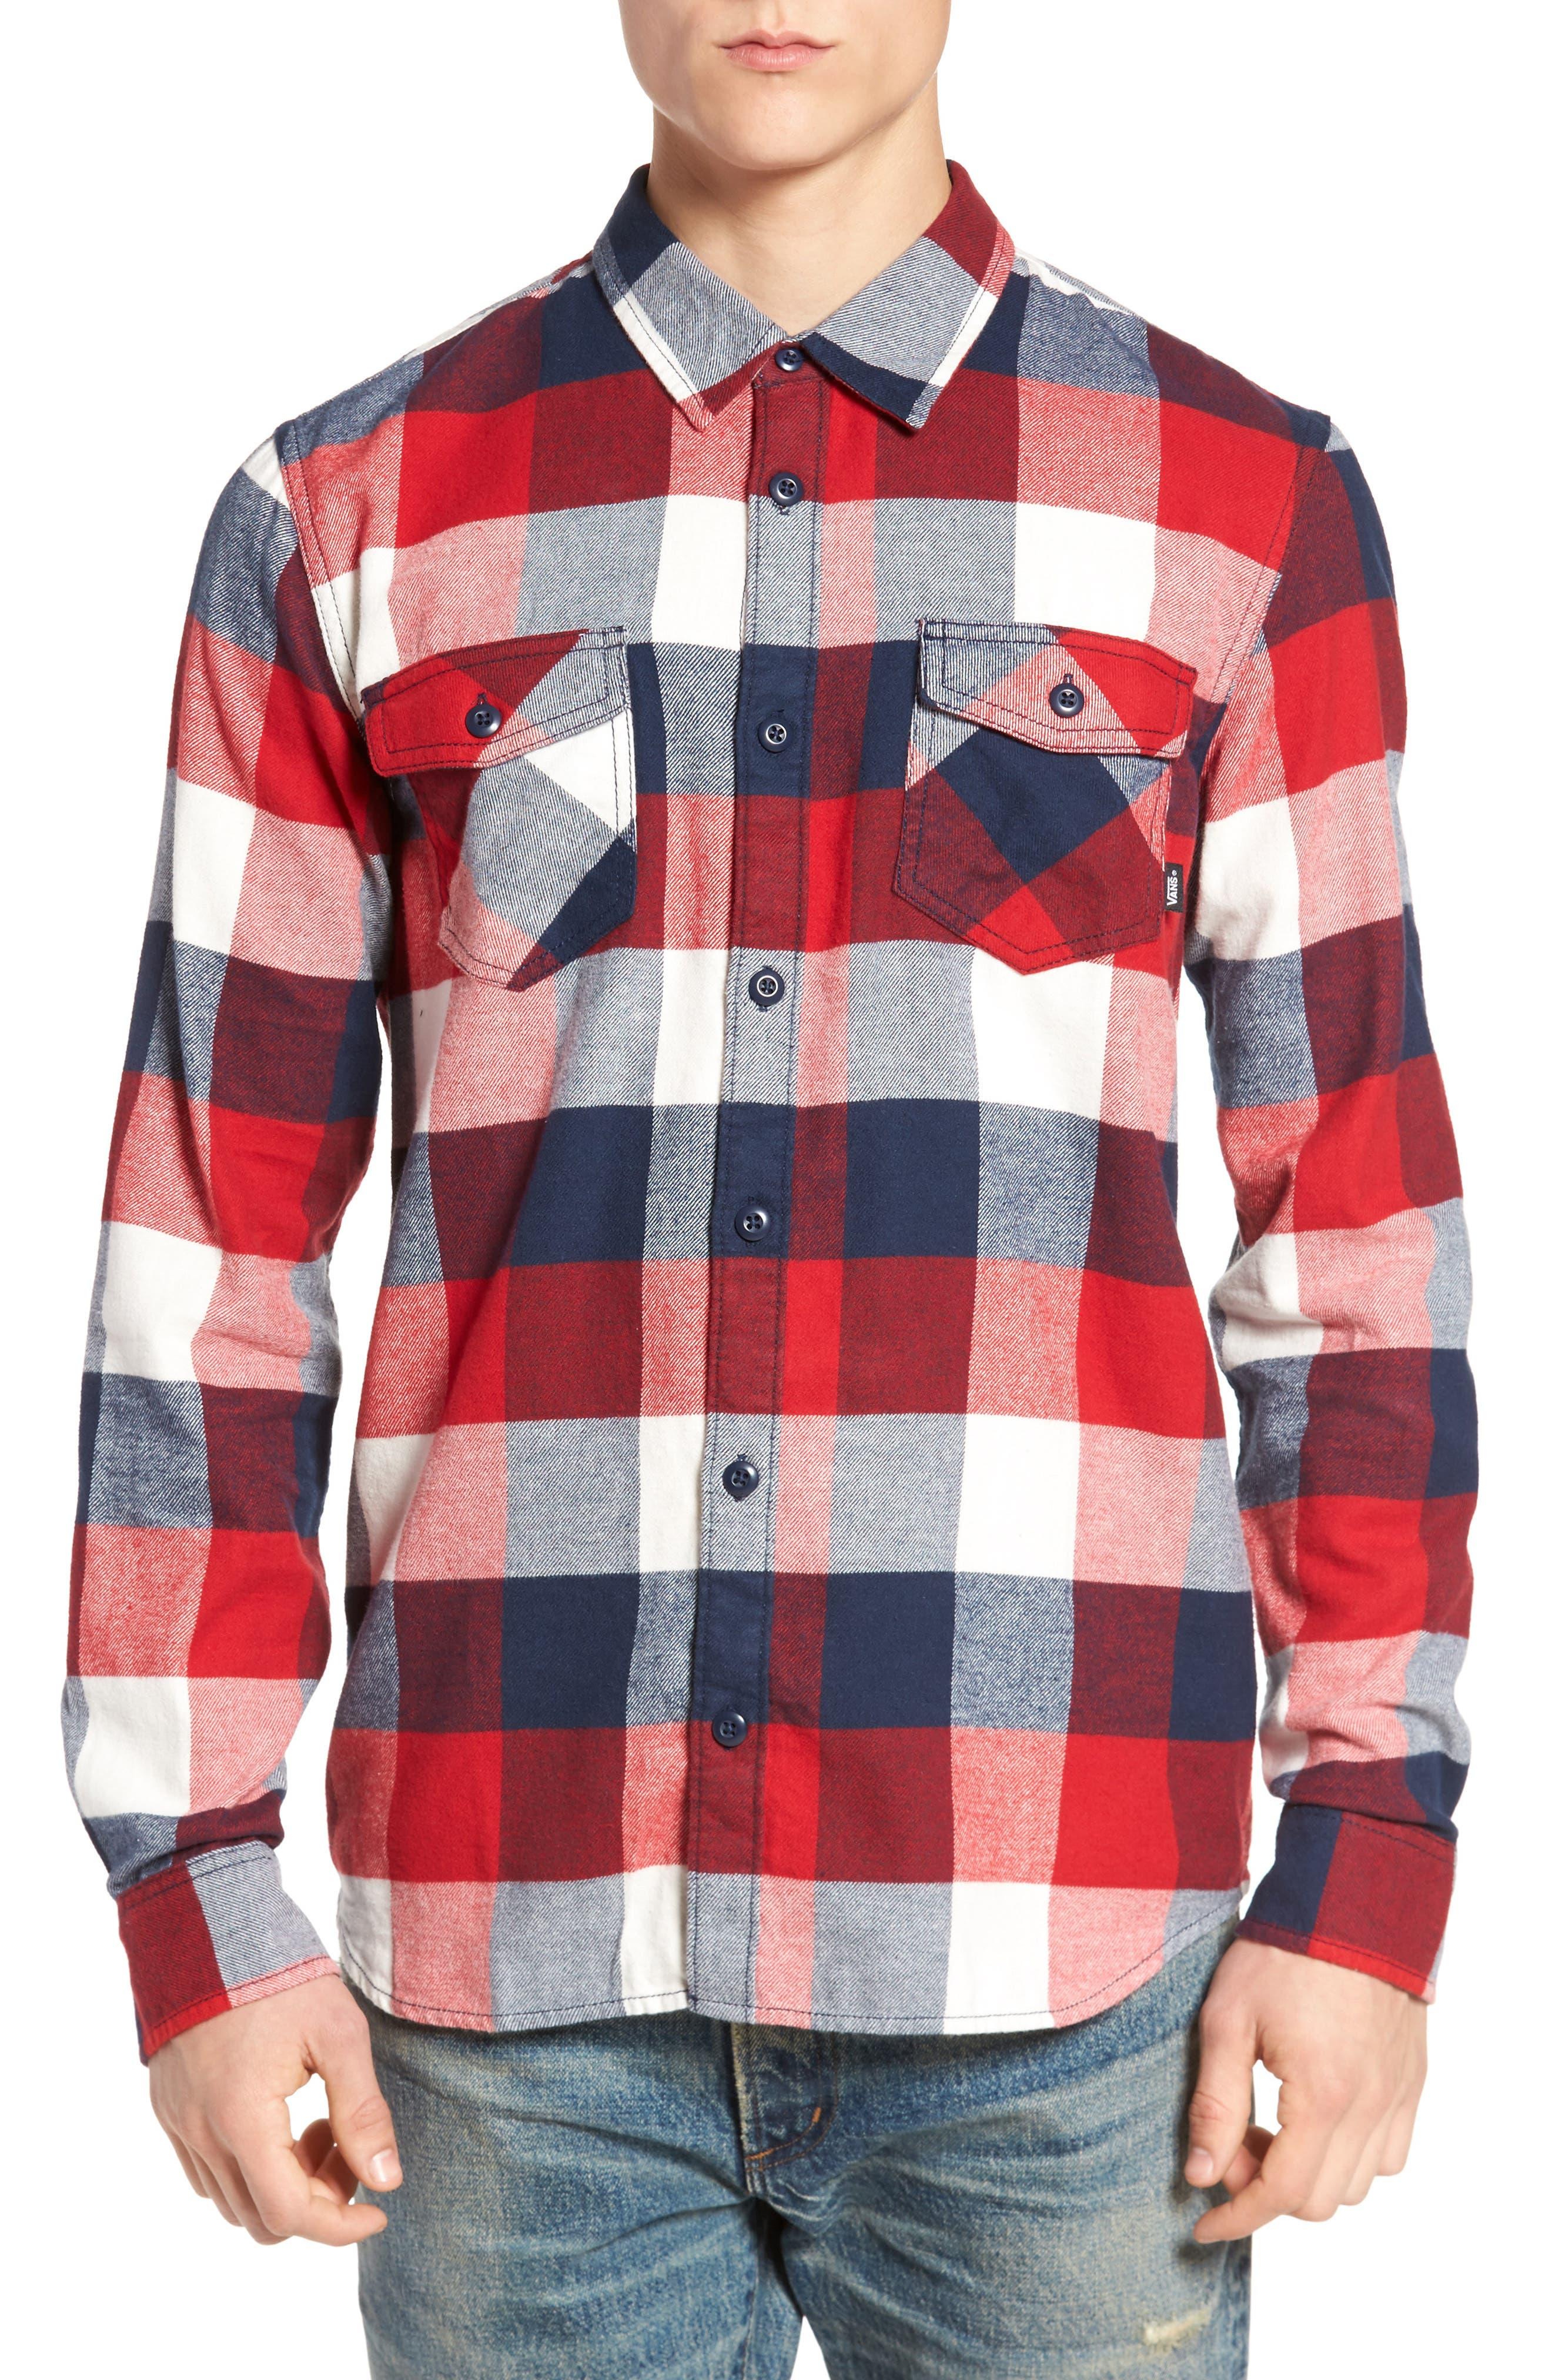 Vans Trim Fit Check Flannel Woven Shirt